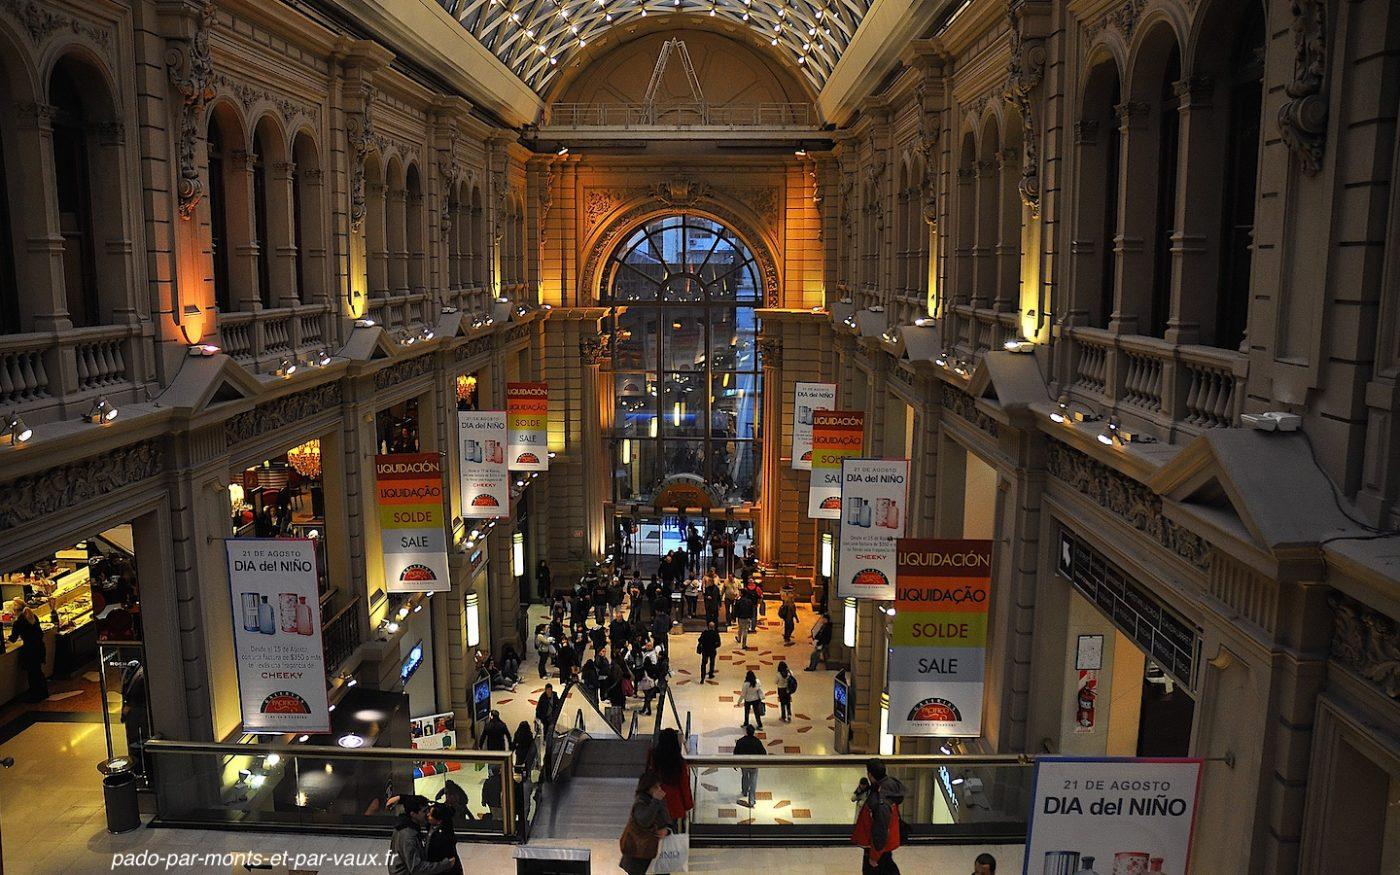 Buenos Aires - Galerias pacifico